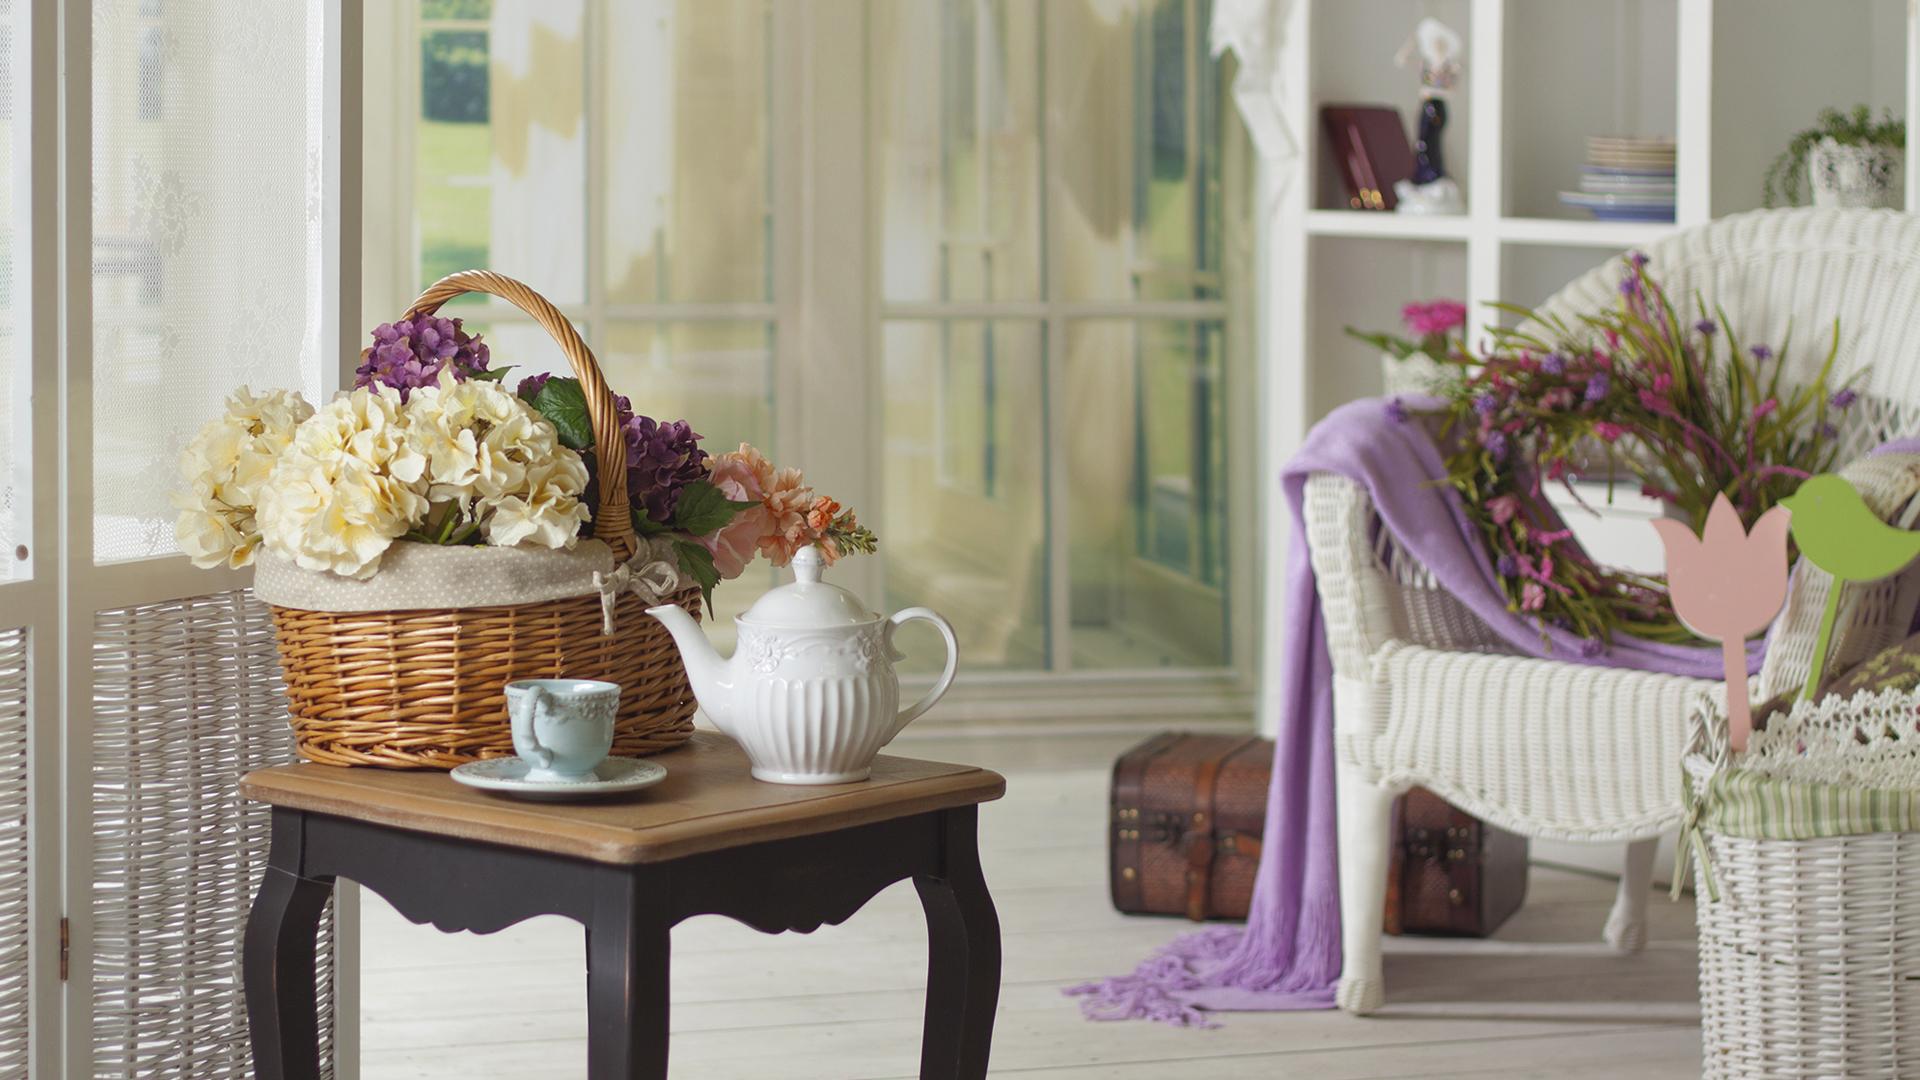 Декорирование интерьера в стиле прованс